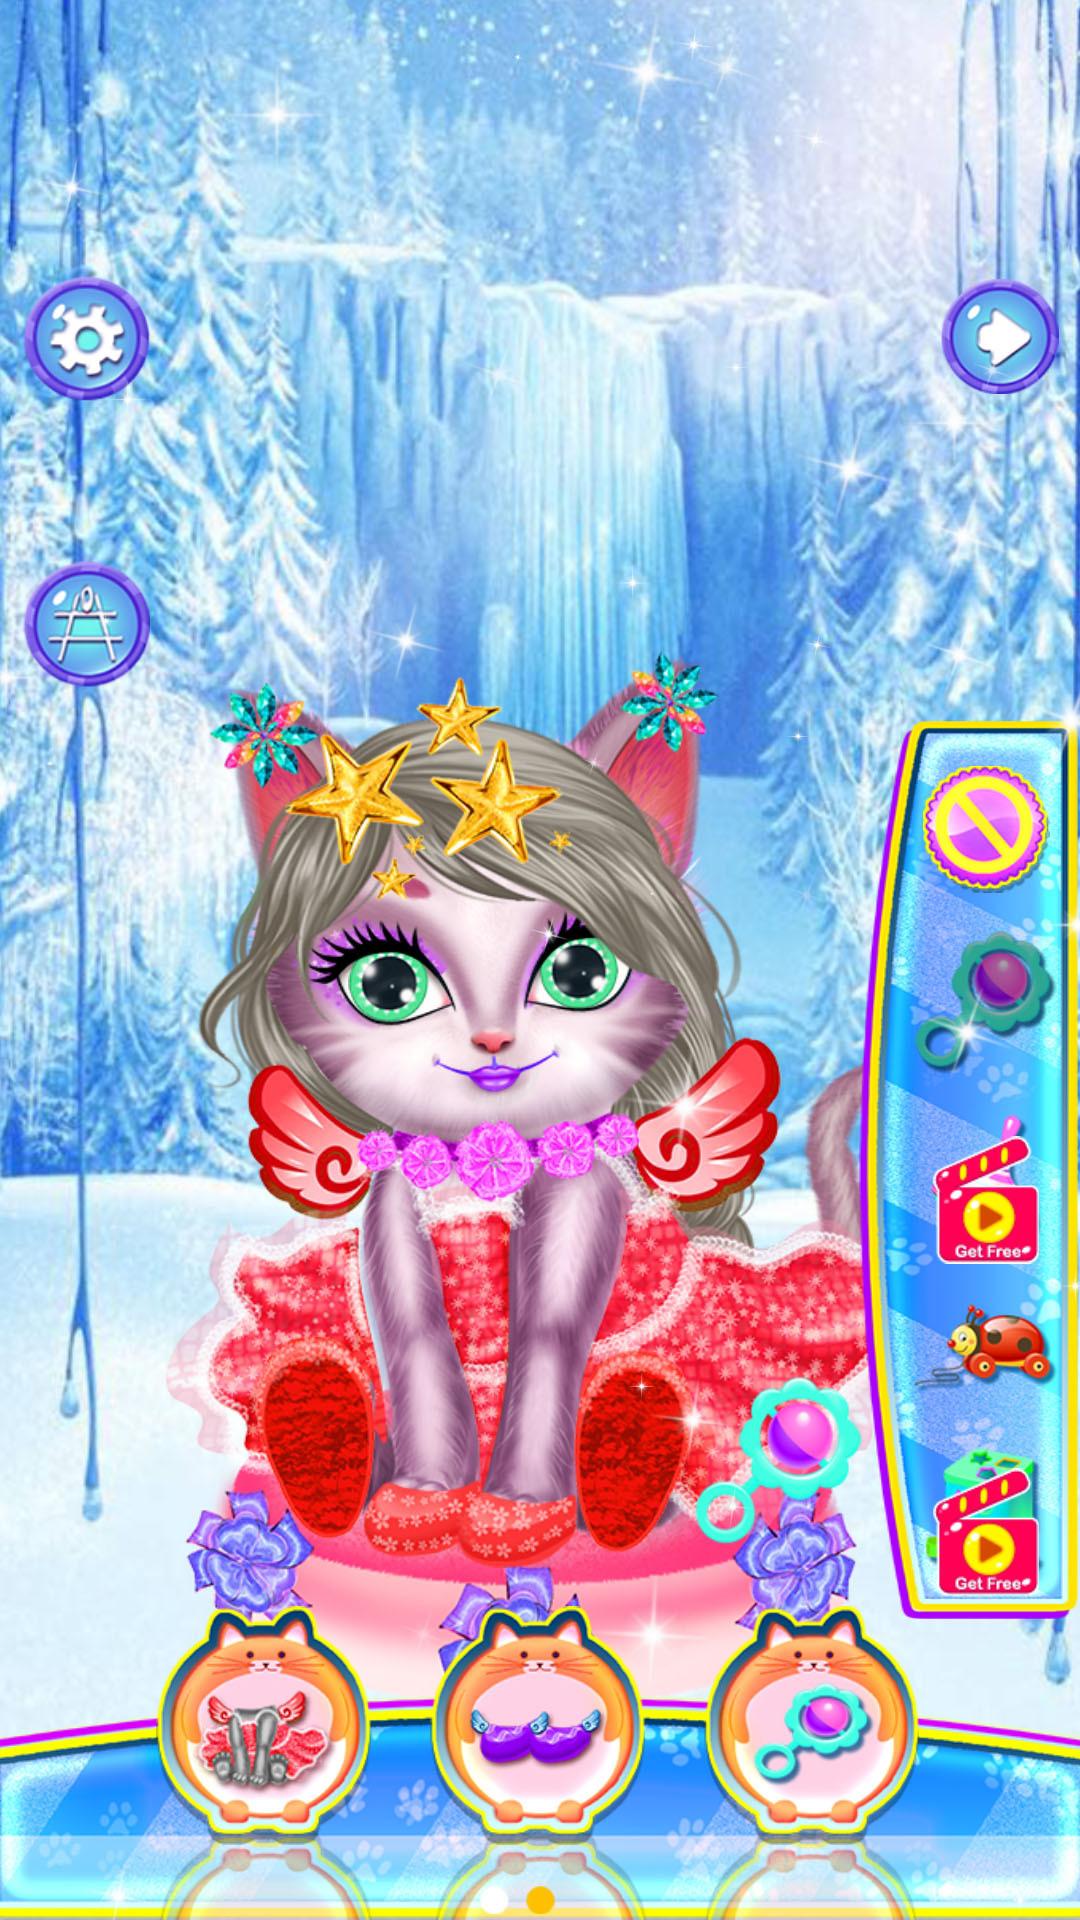 小公主魔法小猫软件截图4